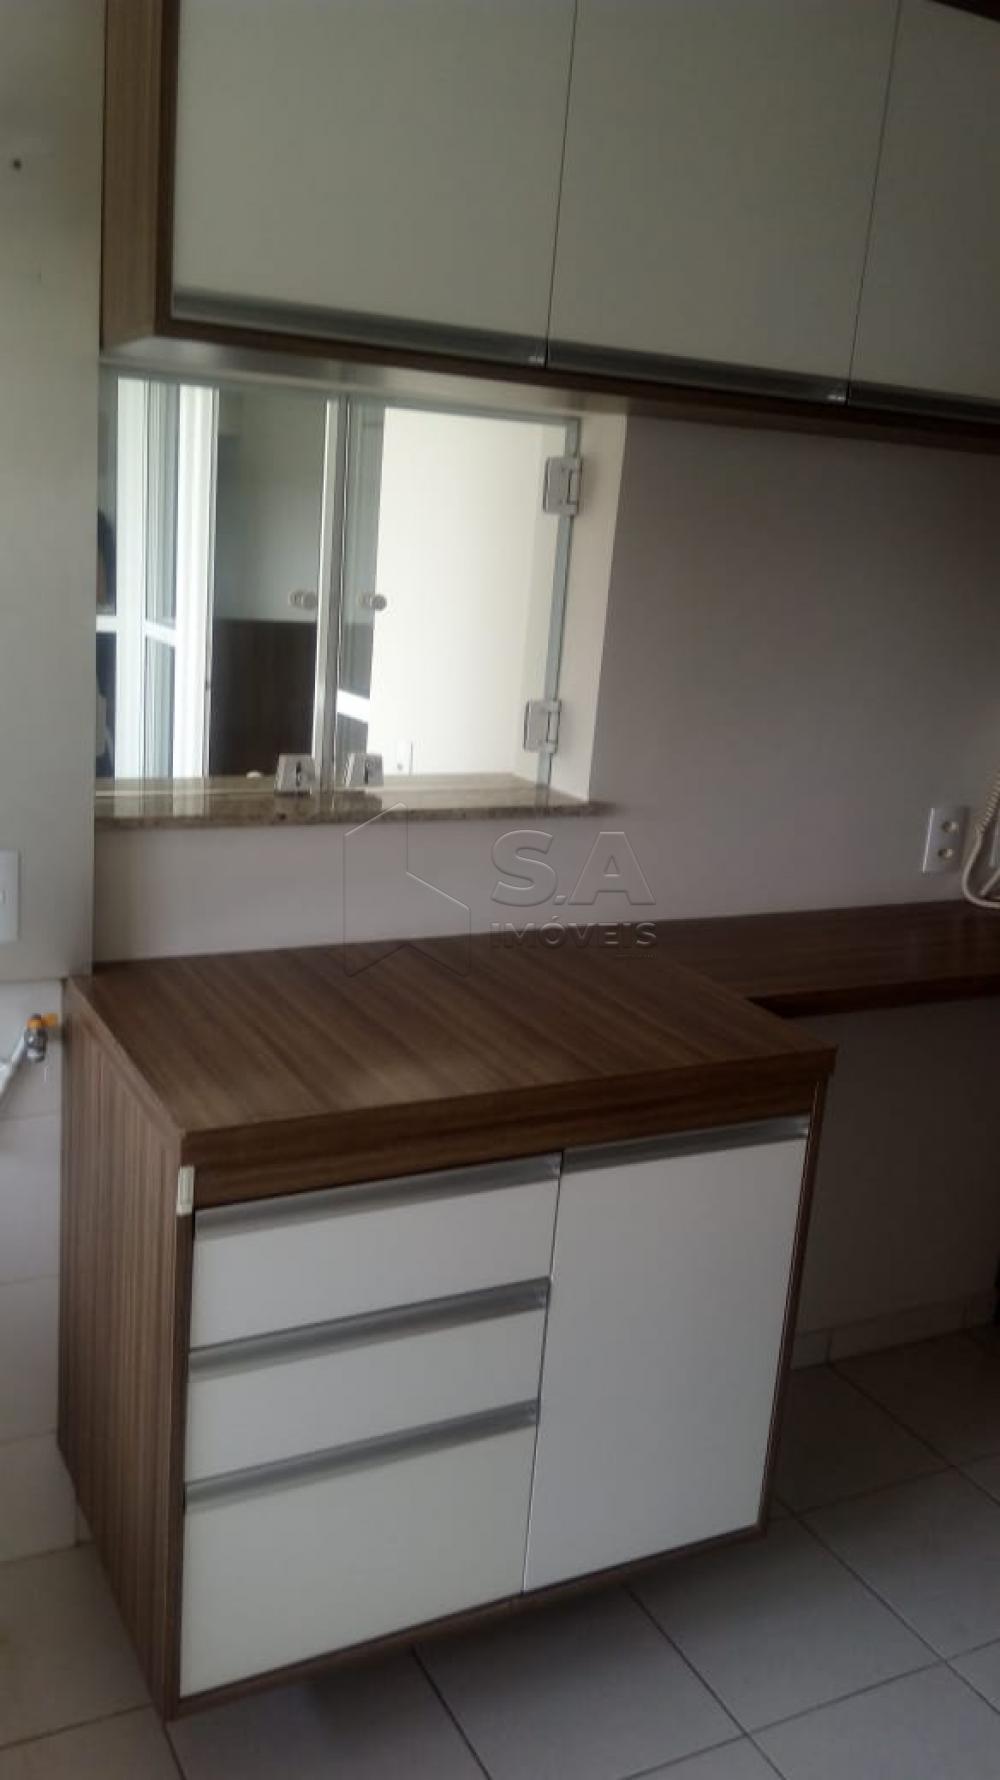 Alugar Apartamento / Padrão em Botucatu apenas R$ 2.000,00 - Foto 10